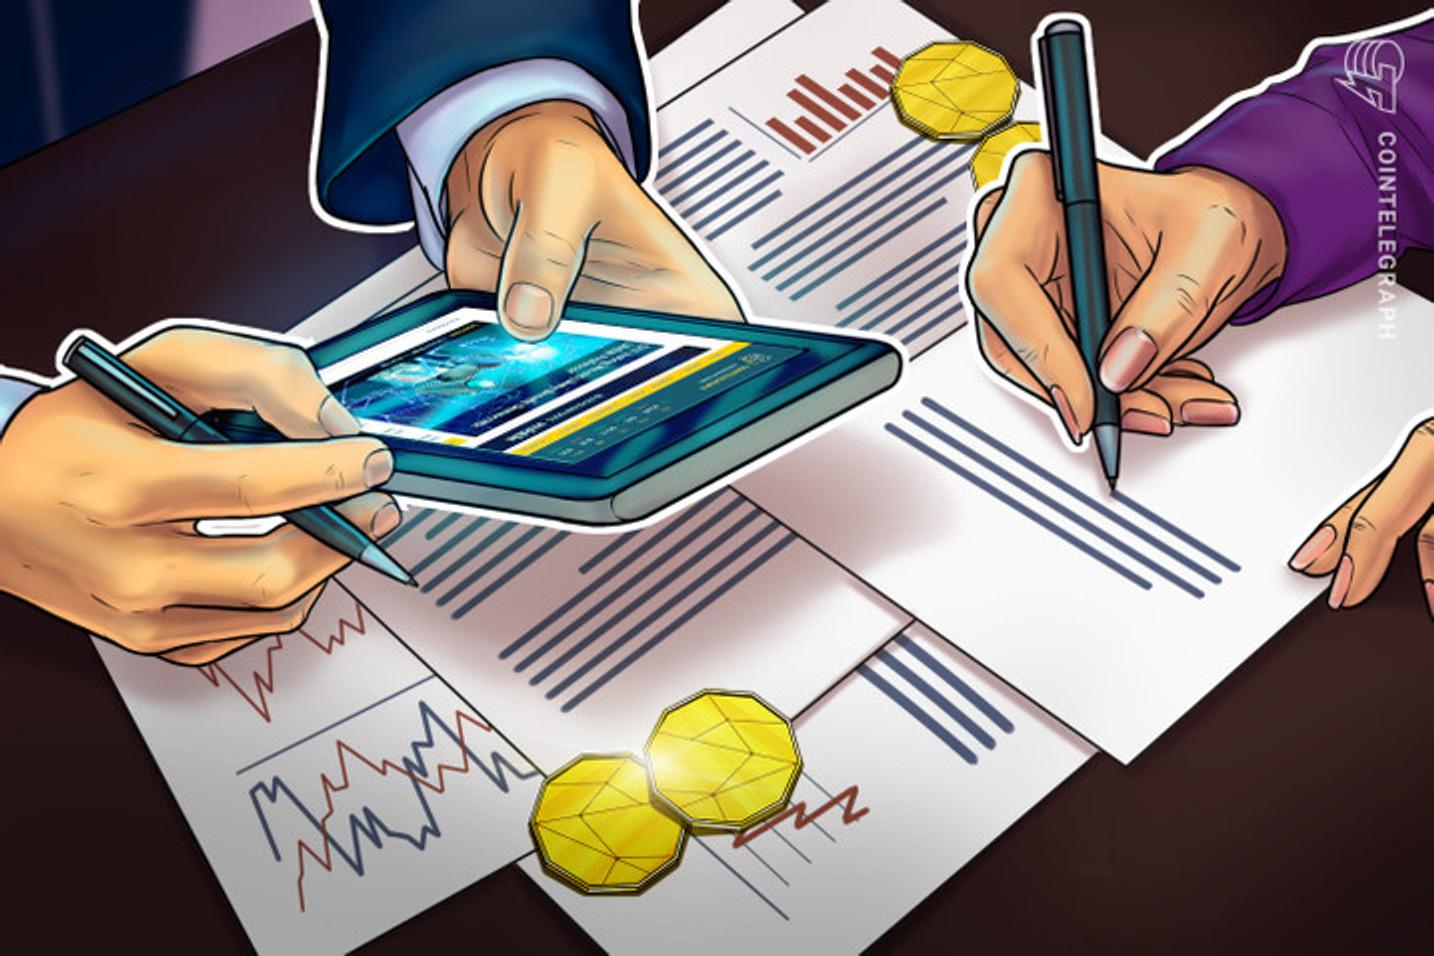 Bitcoin, Tesouro Direto, Selic, CBD: Renda Fixa x Renda Variável, especialista explica qual é a melhor opção